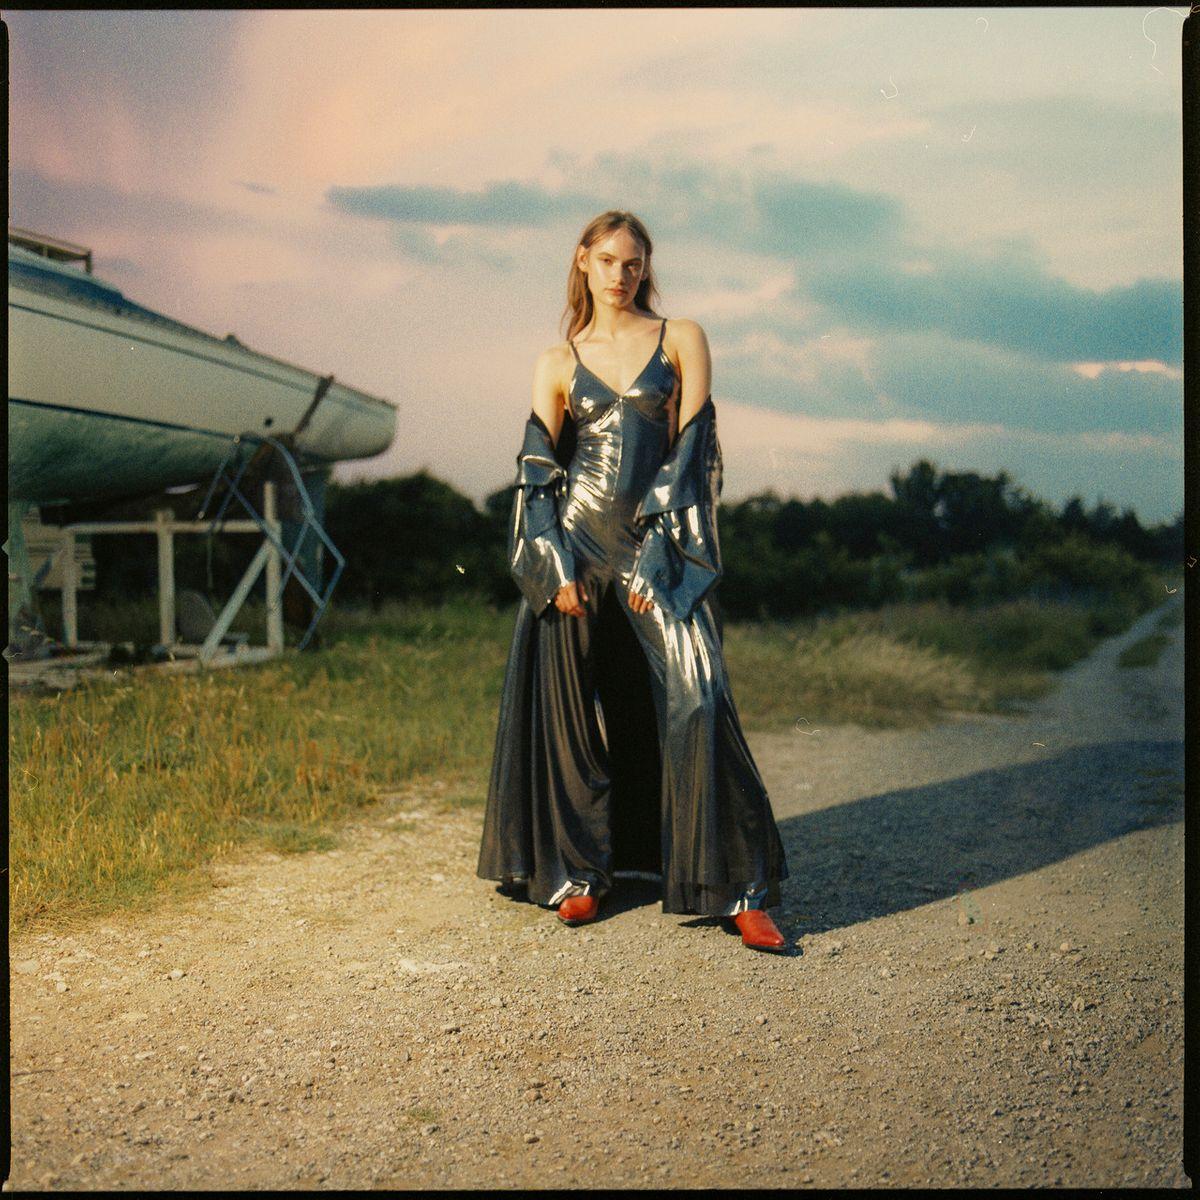 Tiffany-MollyDickson-Sheridan-08.jpg